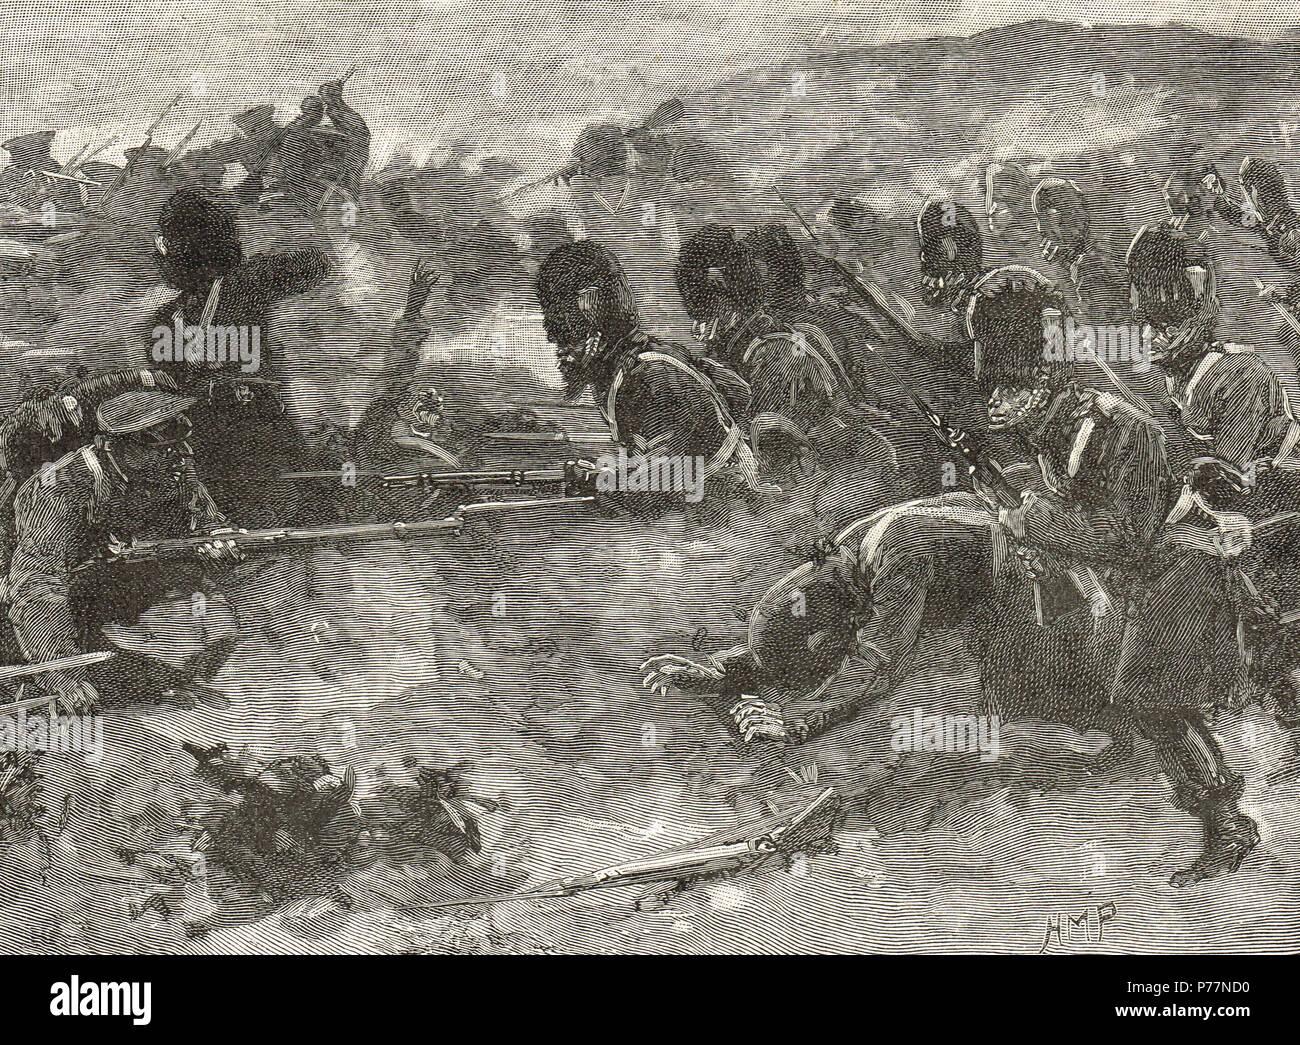 Les gardiens de la Brigade, la récupération des piles de sacs, Bataille d'Inkerman, 5 novembre 1854 Banque D'Images